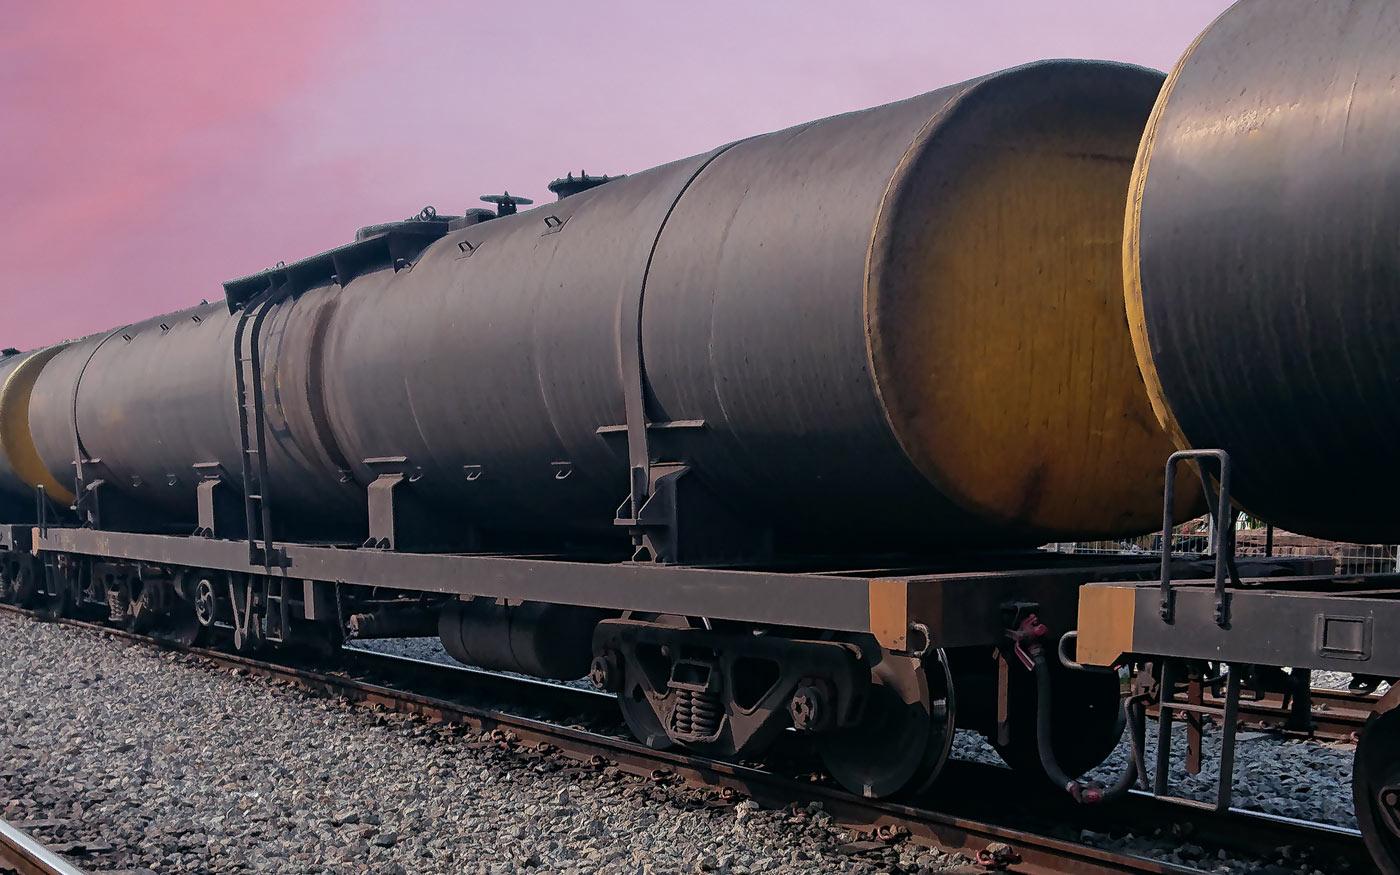 Veszélyes anyag szivárgása miatt leállt a vonatközlekedés Soroksár és Dunaharaszti között